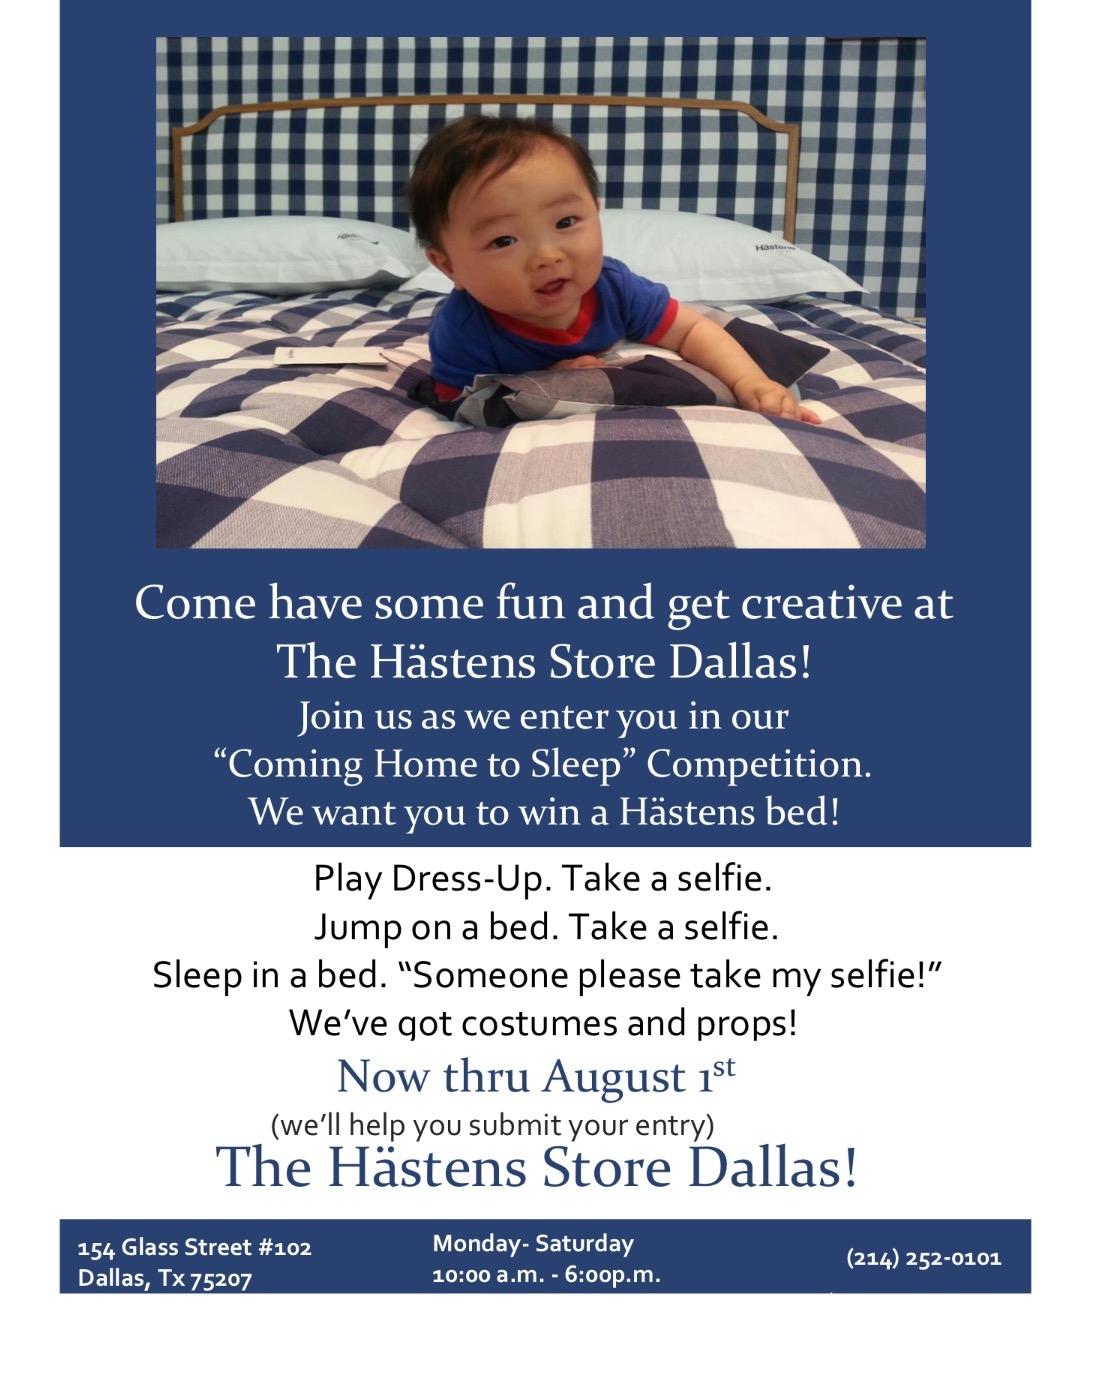 The Hästens Store Dallas